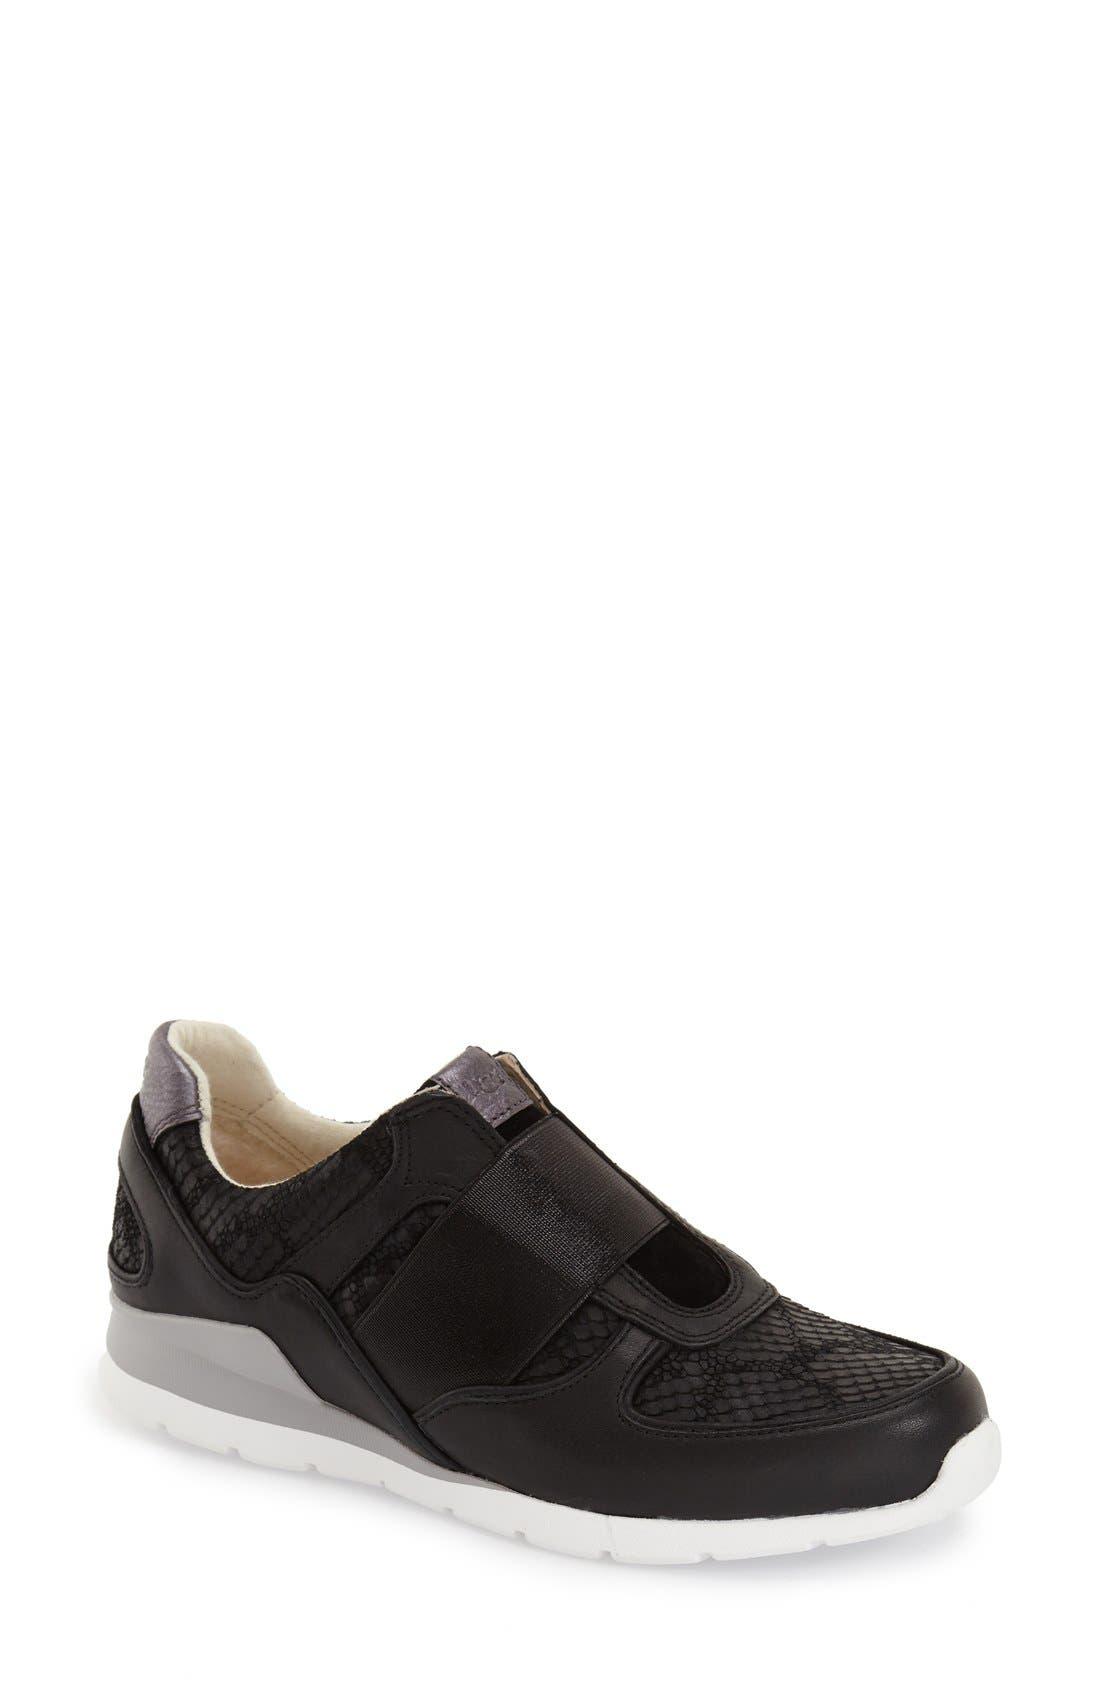 'Annetta' Slip-On Sneaker,                         Main,                         color, Black Leather